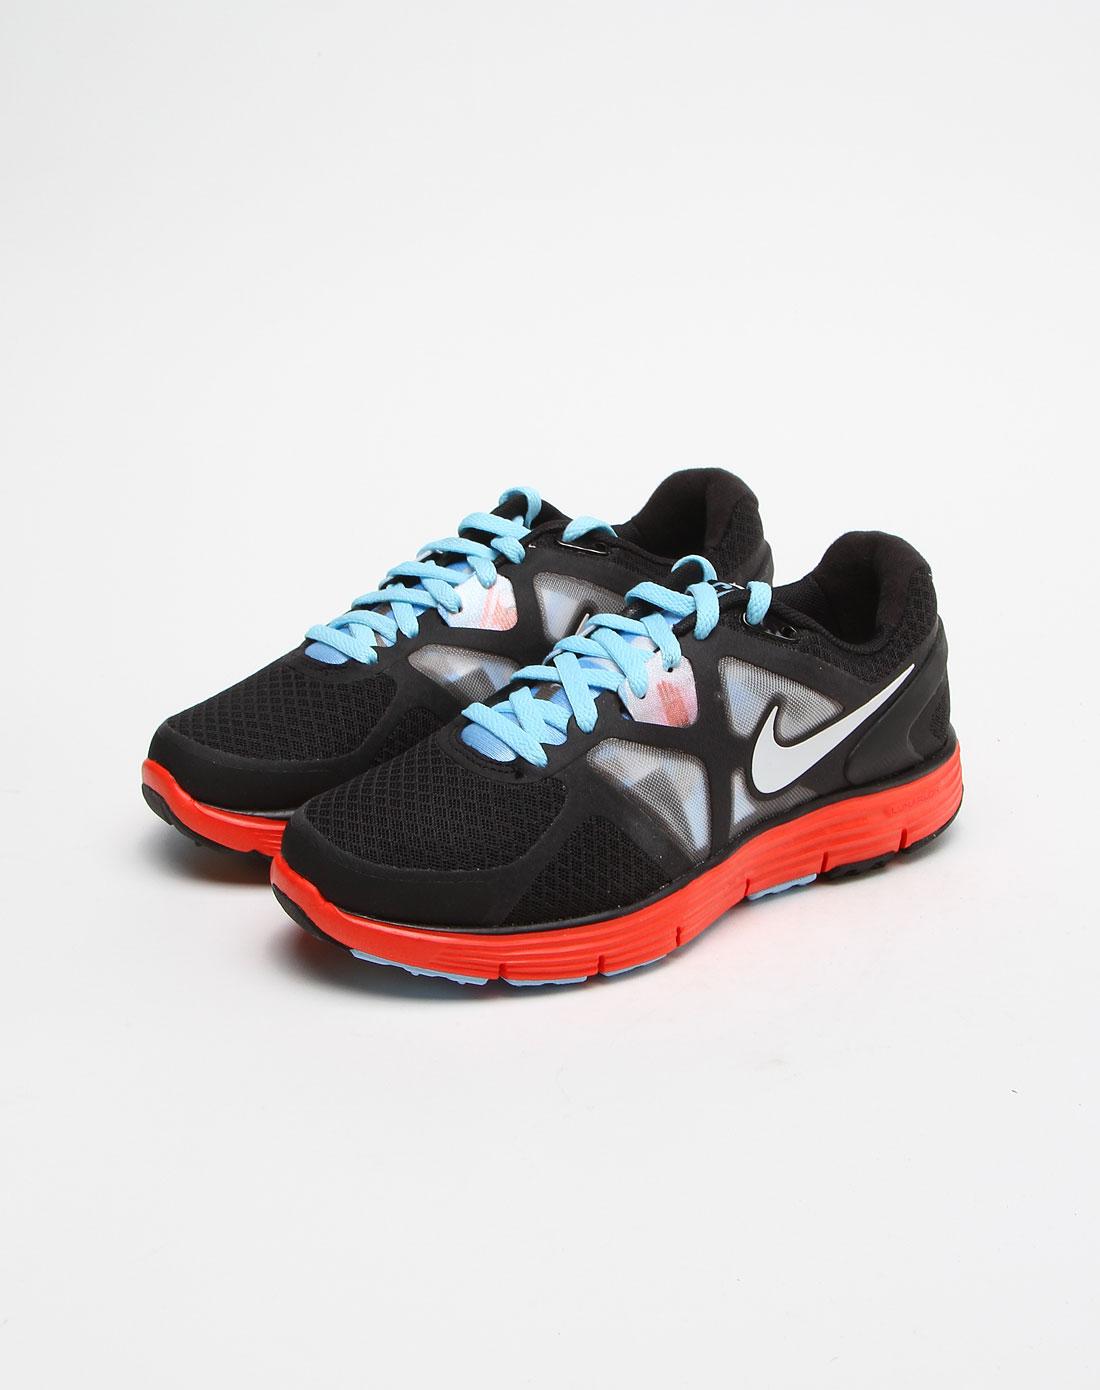 耐克nike-女款黑色时尚运动鞋482930-015